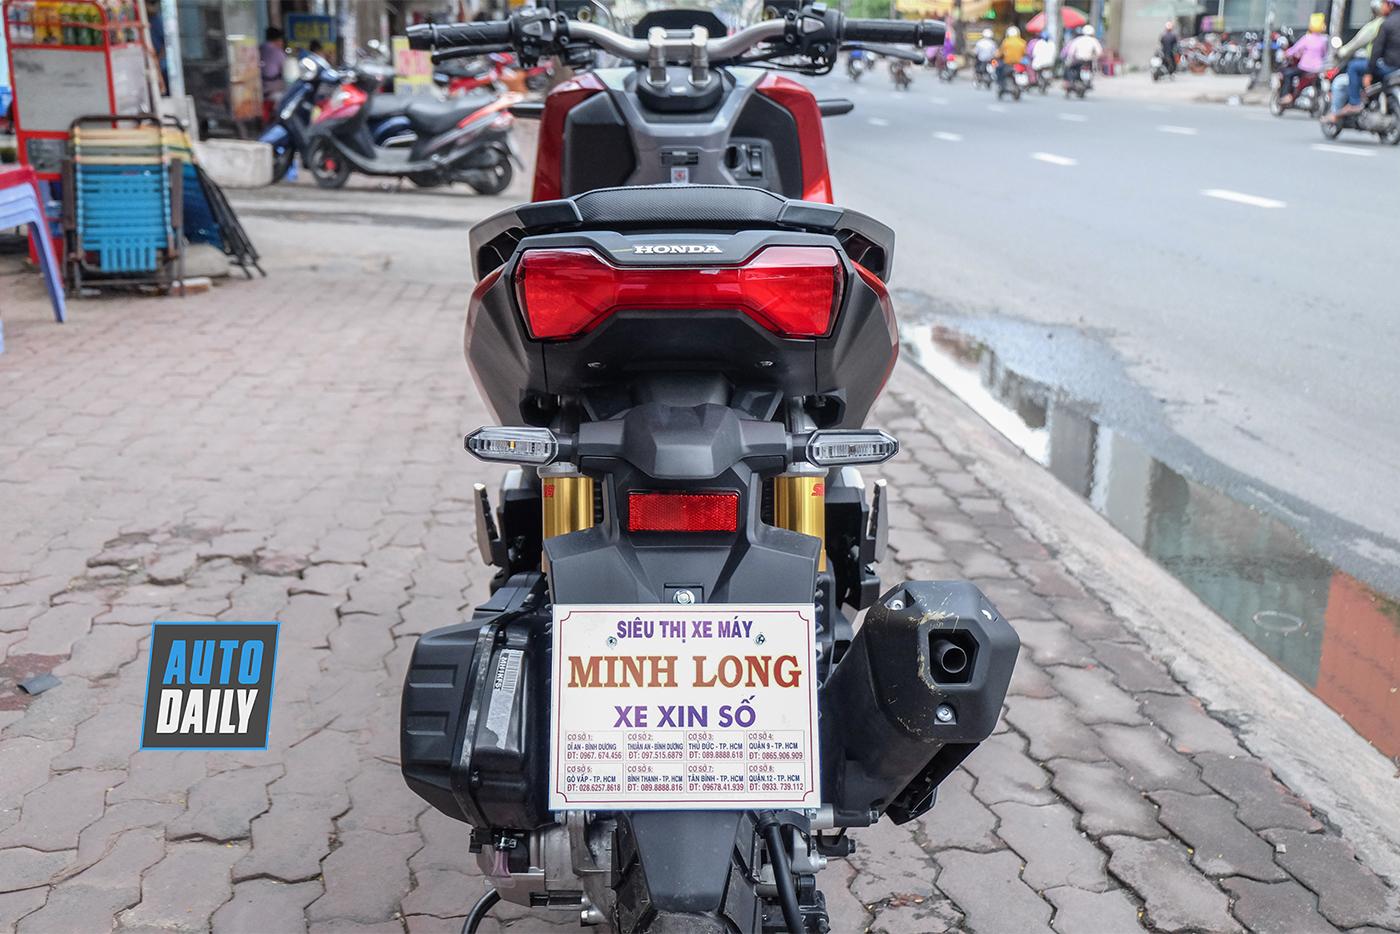 honda-adv-150-2019-26.jpg